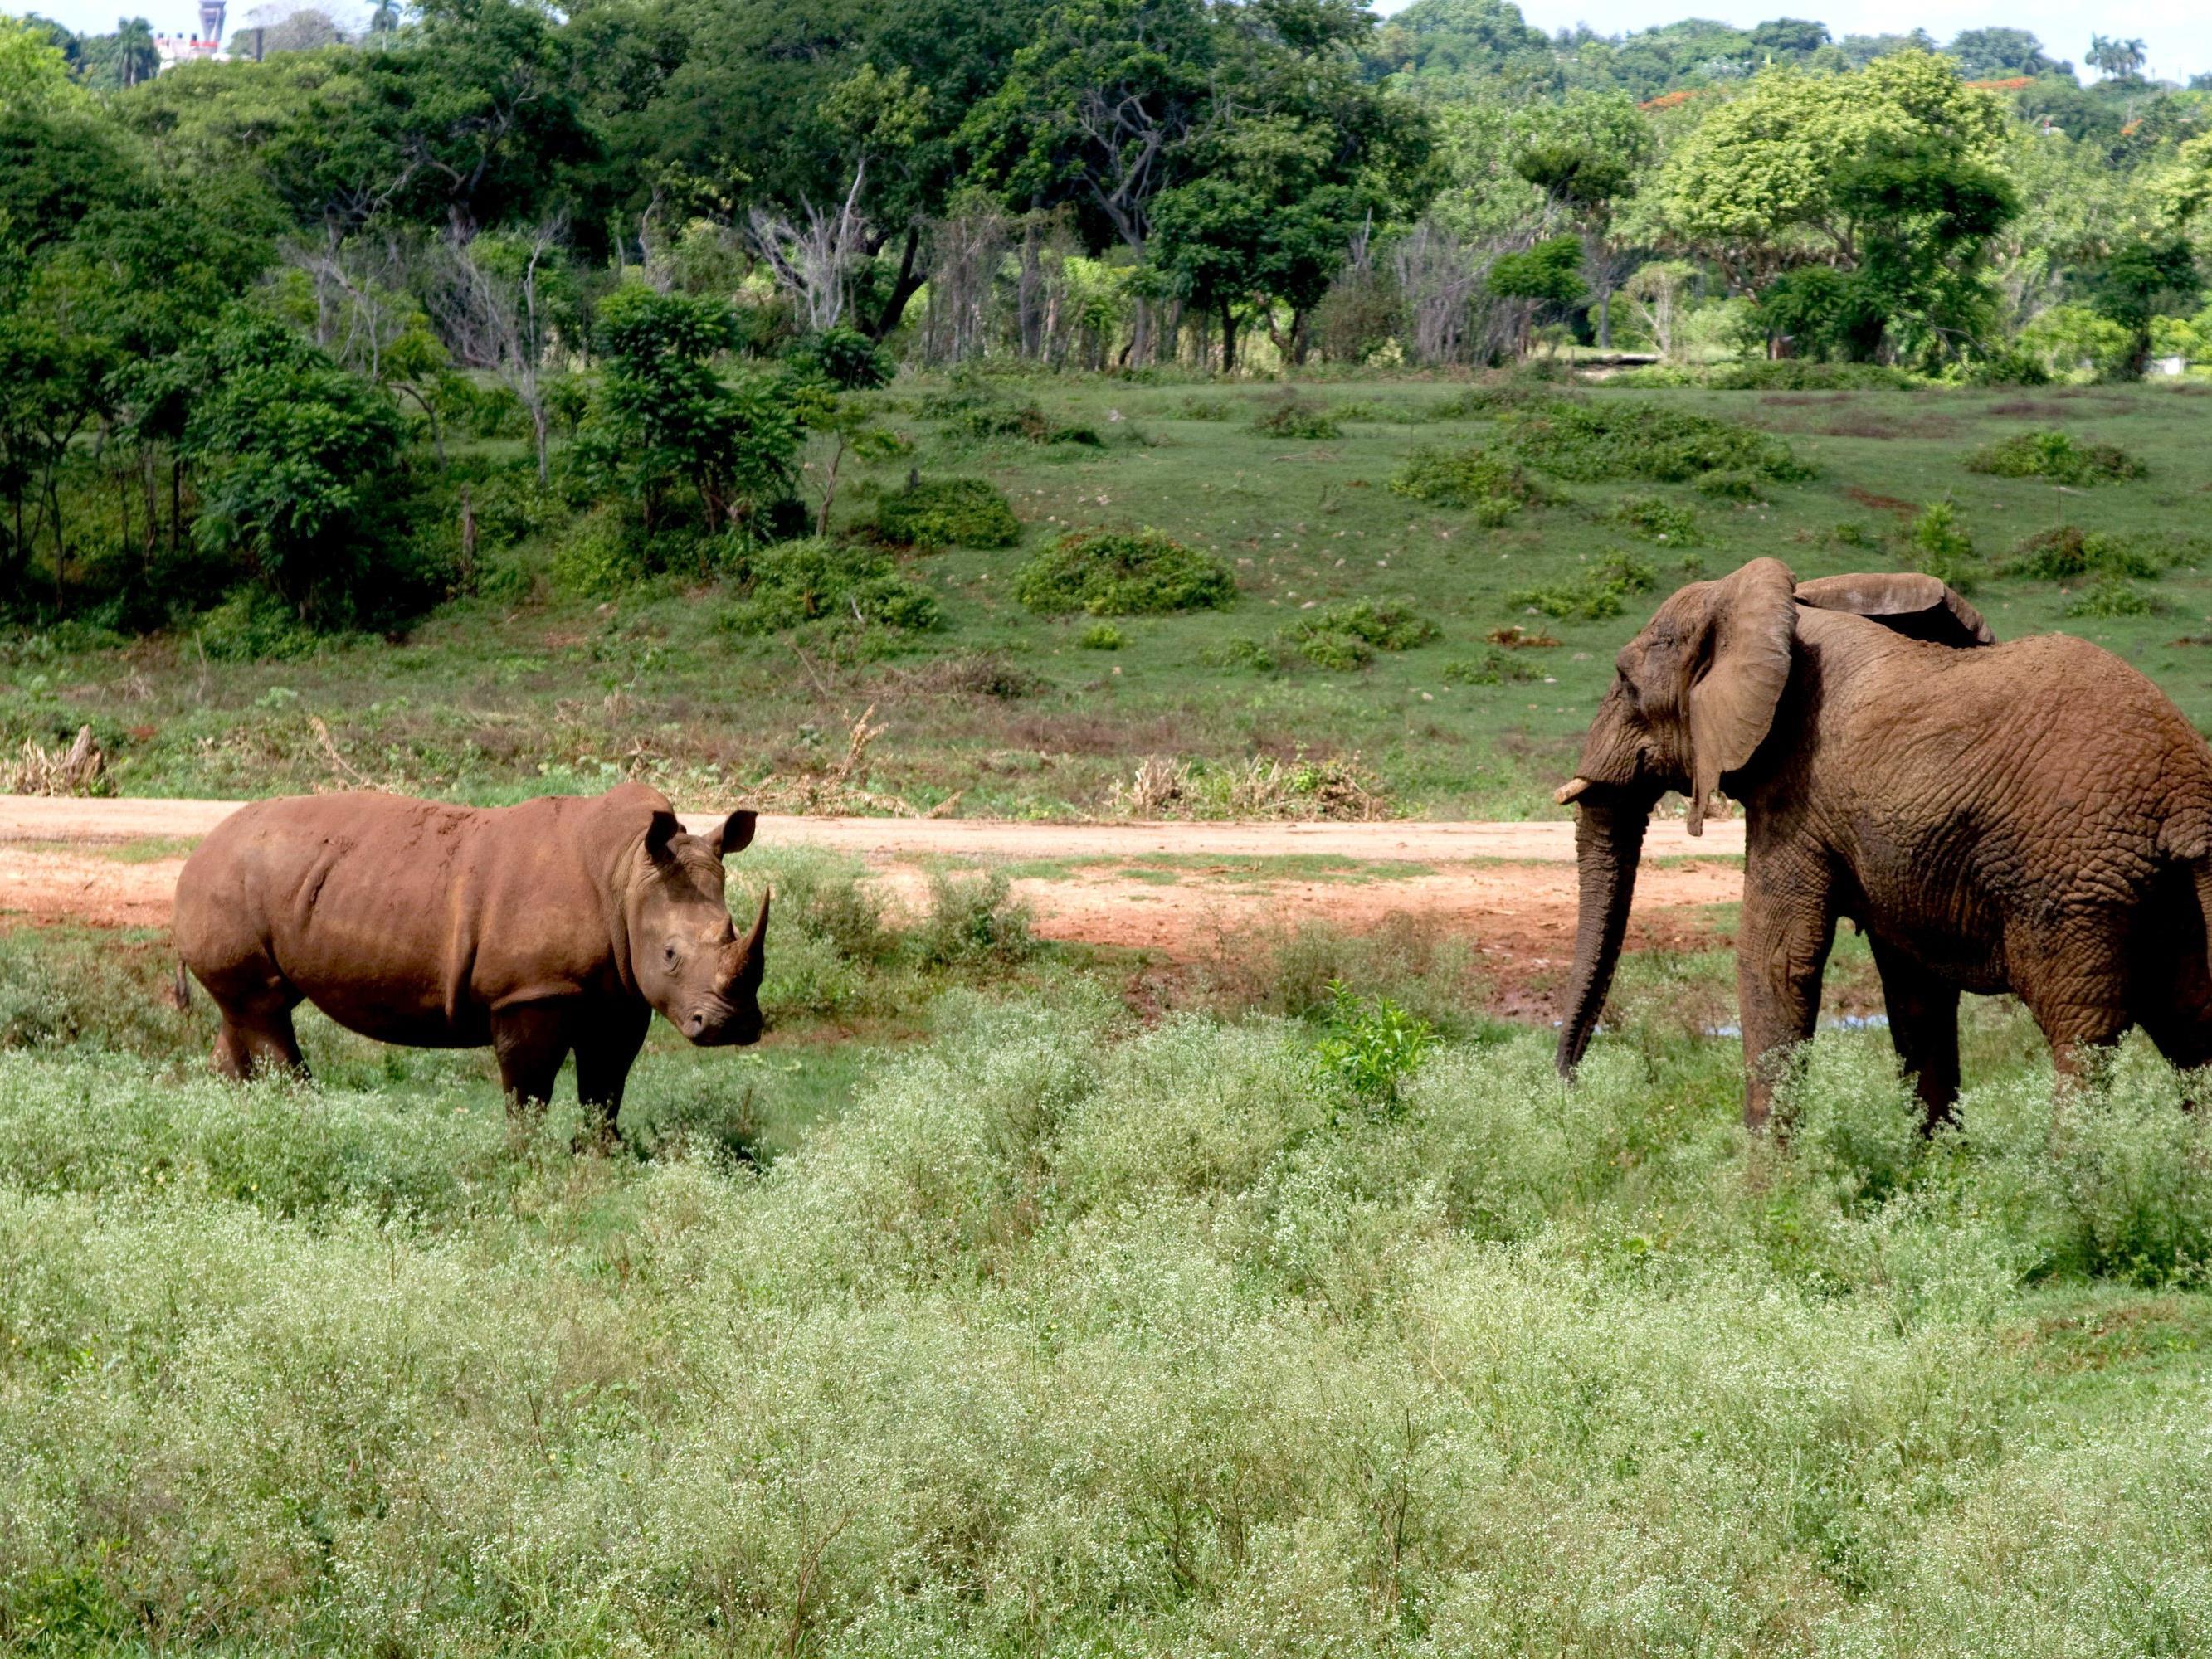 Für Horn und Elfenbein werden viele tausende Tiere getötet.